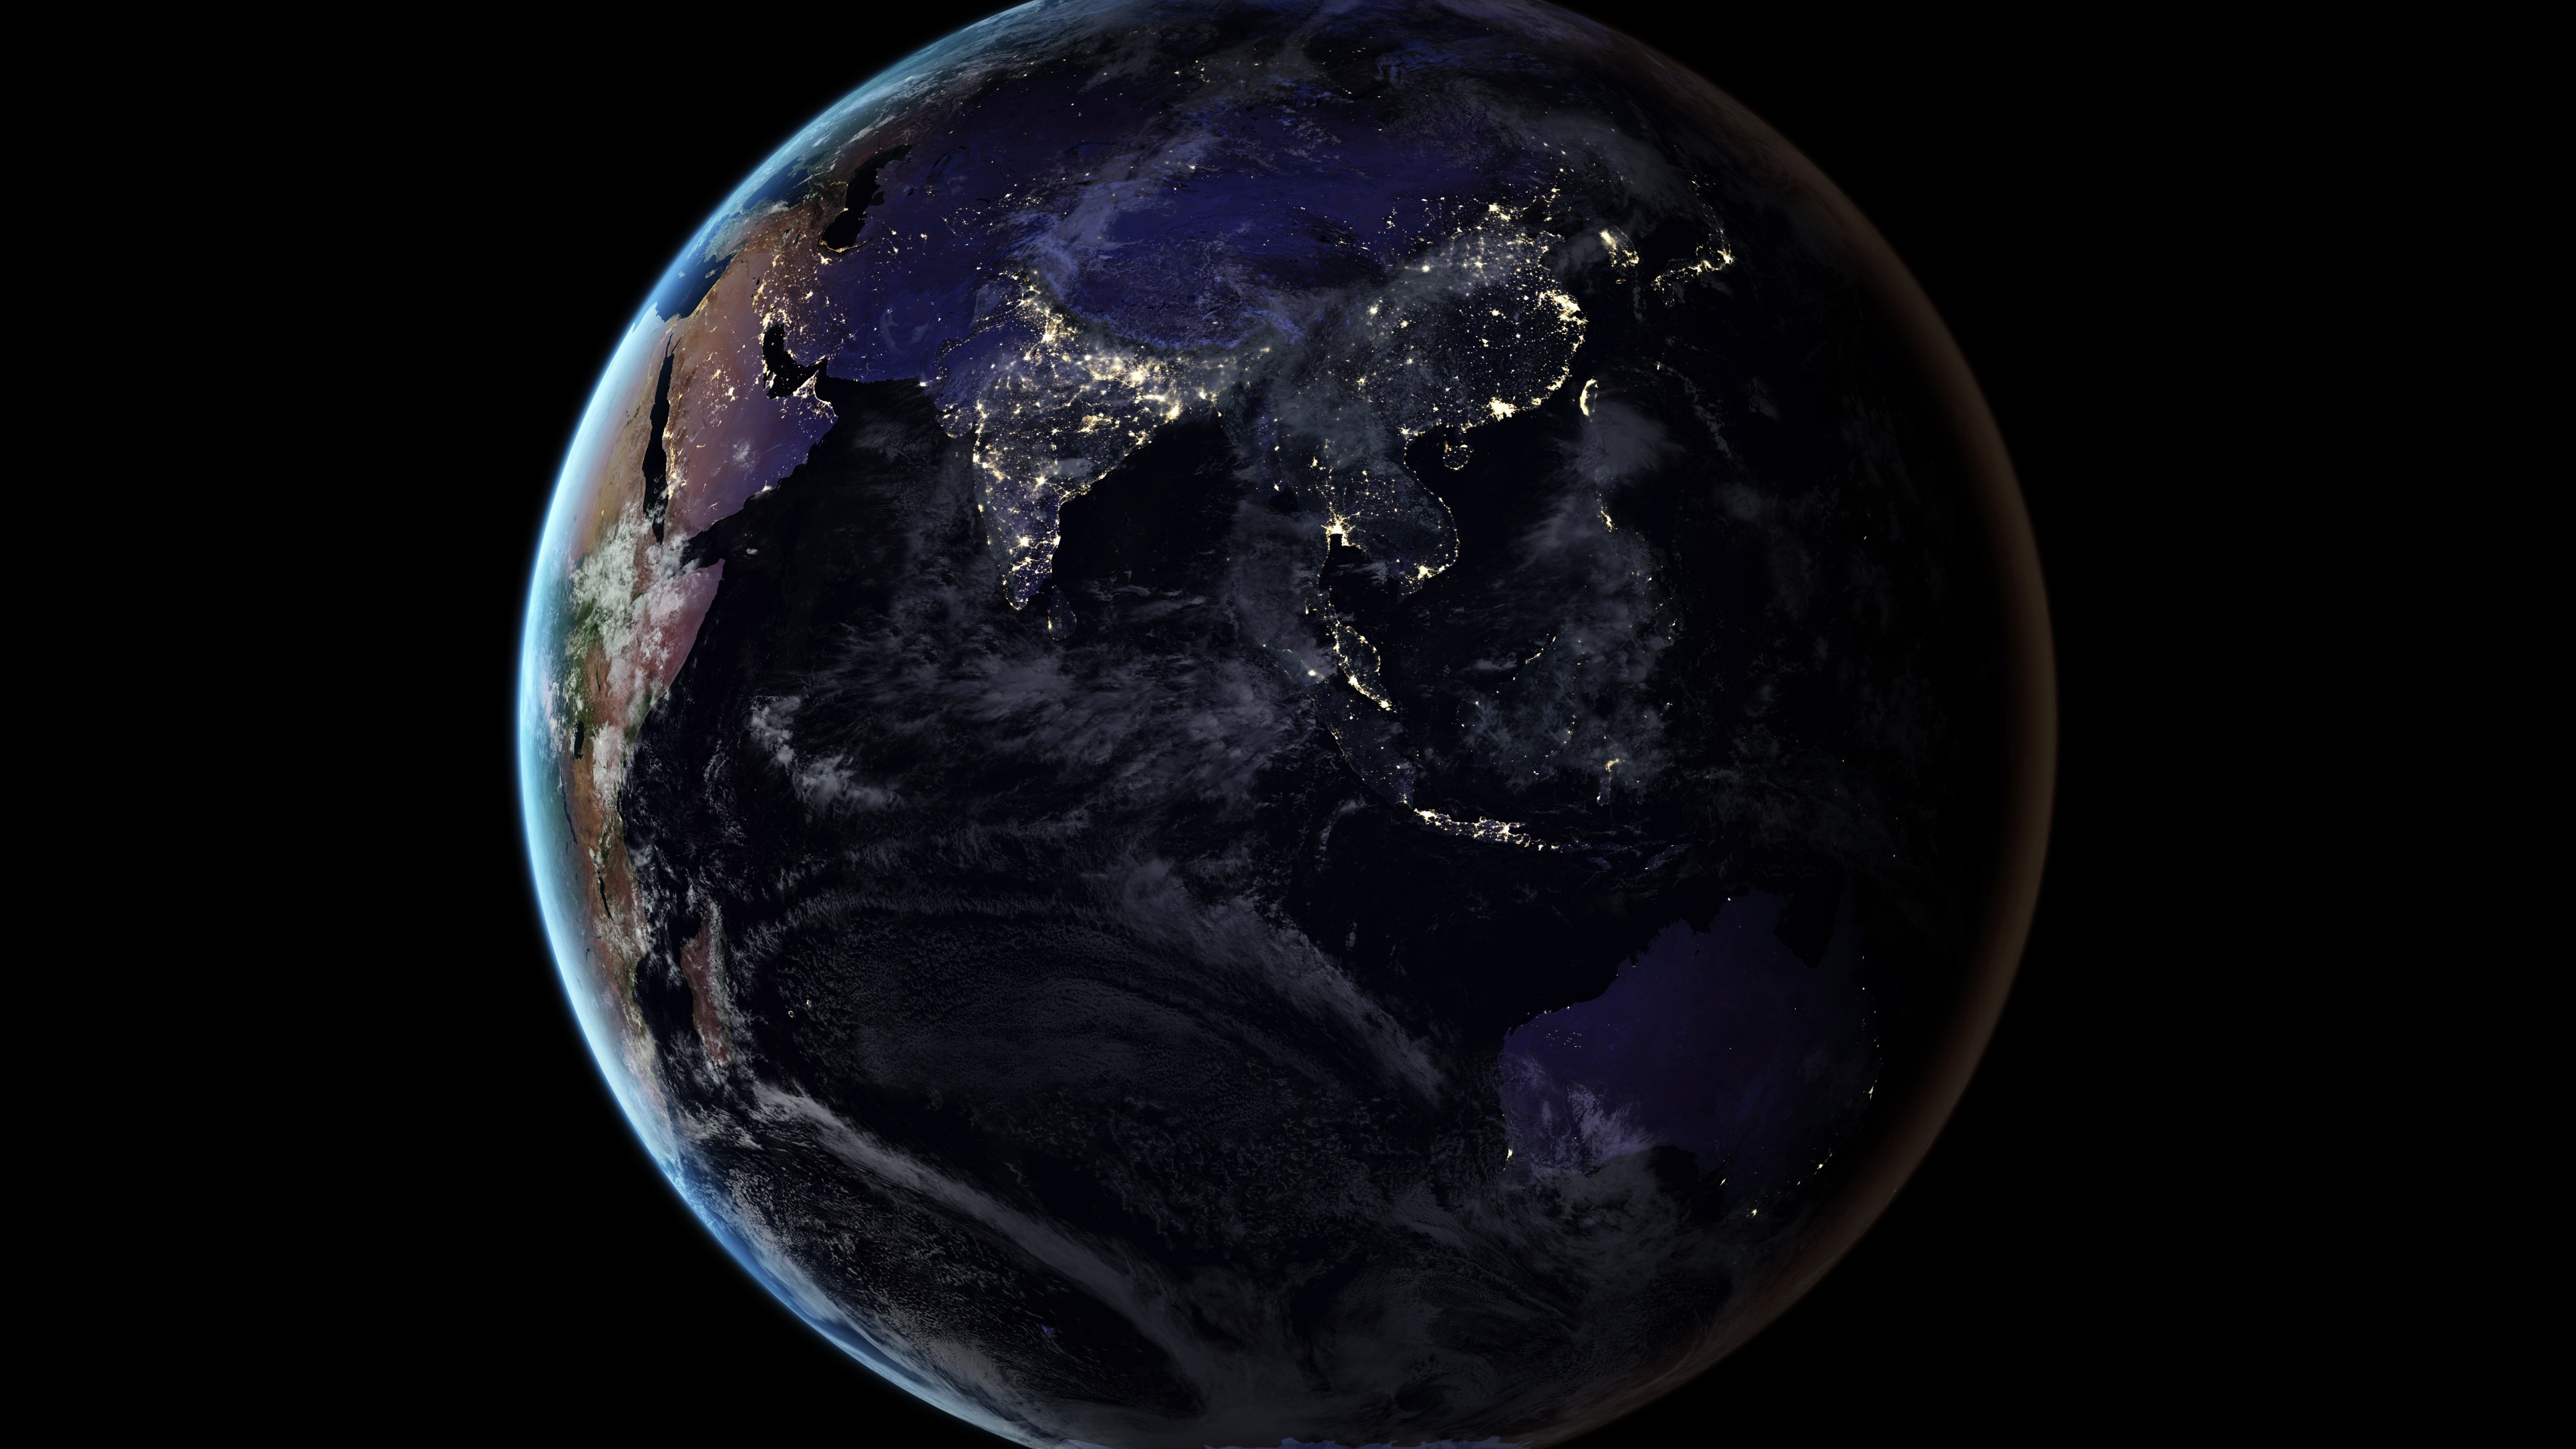 Fonds D écran Terre Lumière Fond Noir Espace 5120x2880